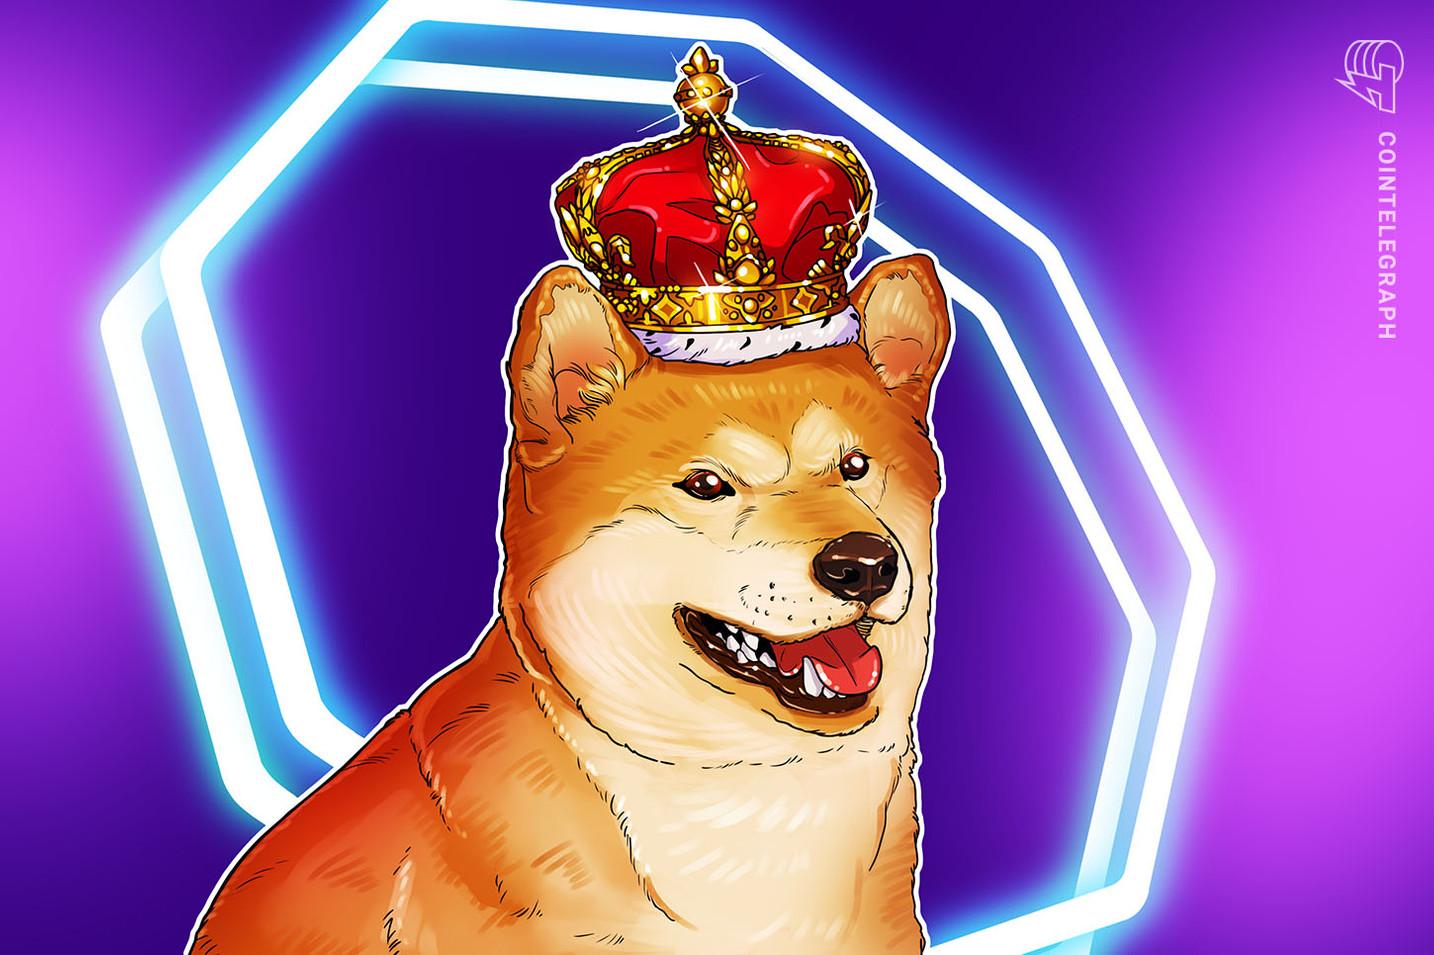 A Dogecoin 8% -ot nyer, miután Elon Musk szerint a DOGE kifizetések versenyeznek a Bitcoin-nal, az Ethereummal